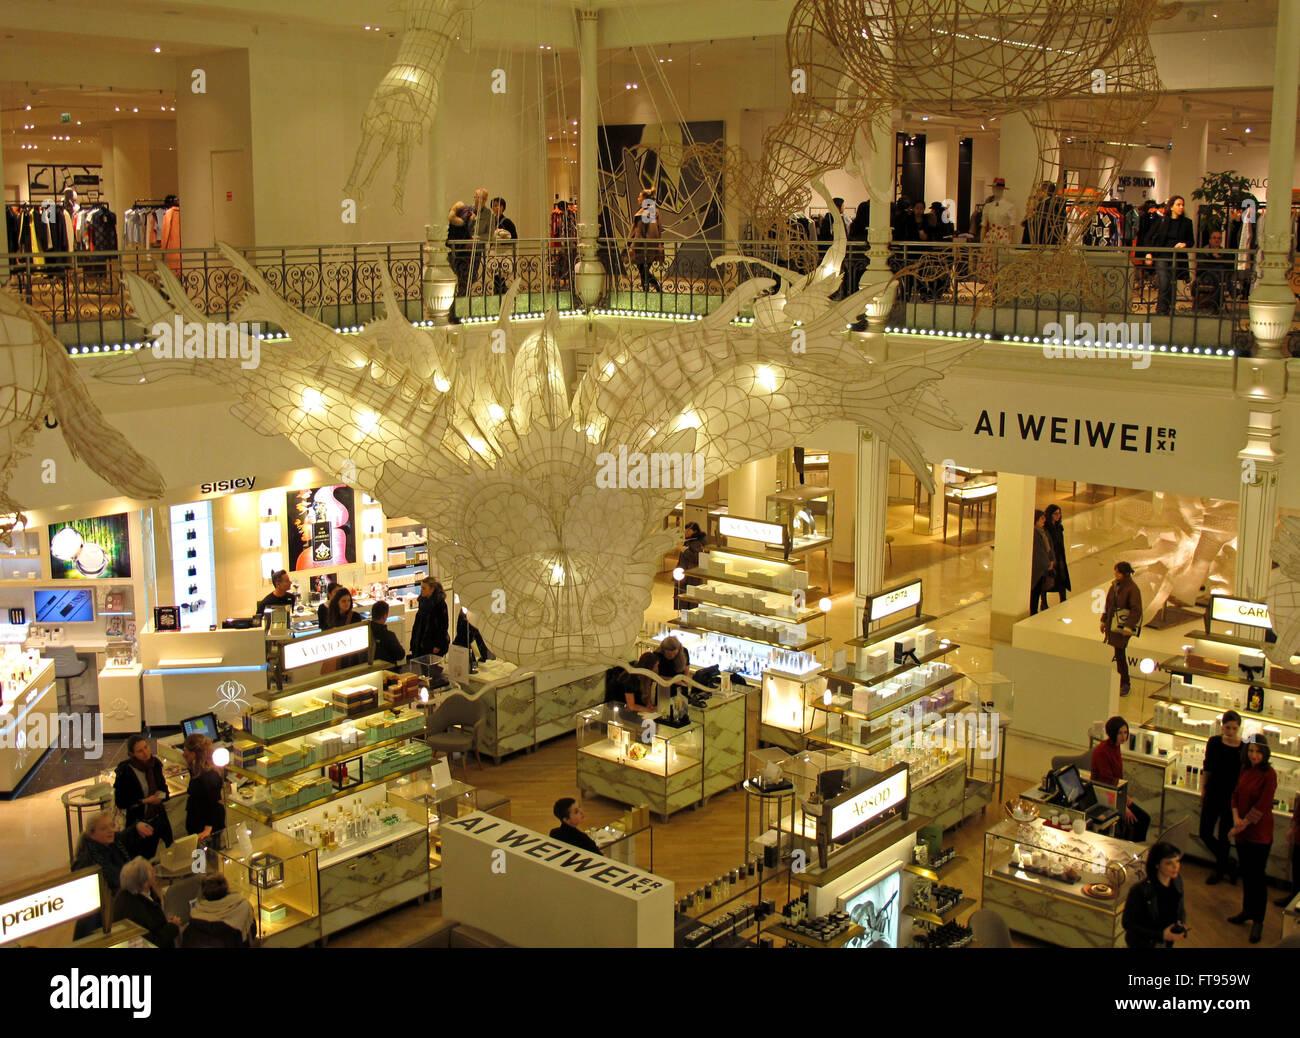 Heluo by Ai Weiwei exhibition Er Xi,Air de jeux in Le Bon Marche Department store,Paris,France - Stock Image